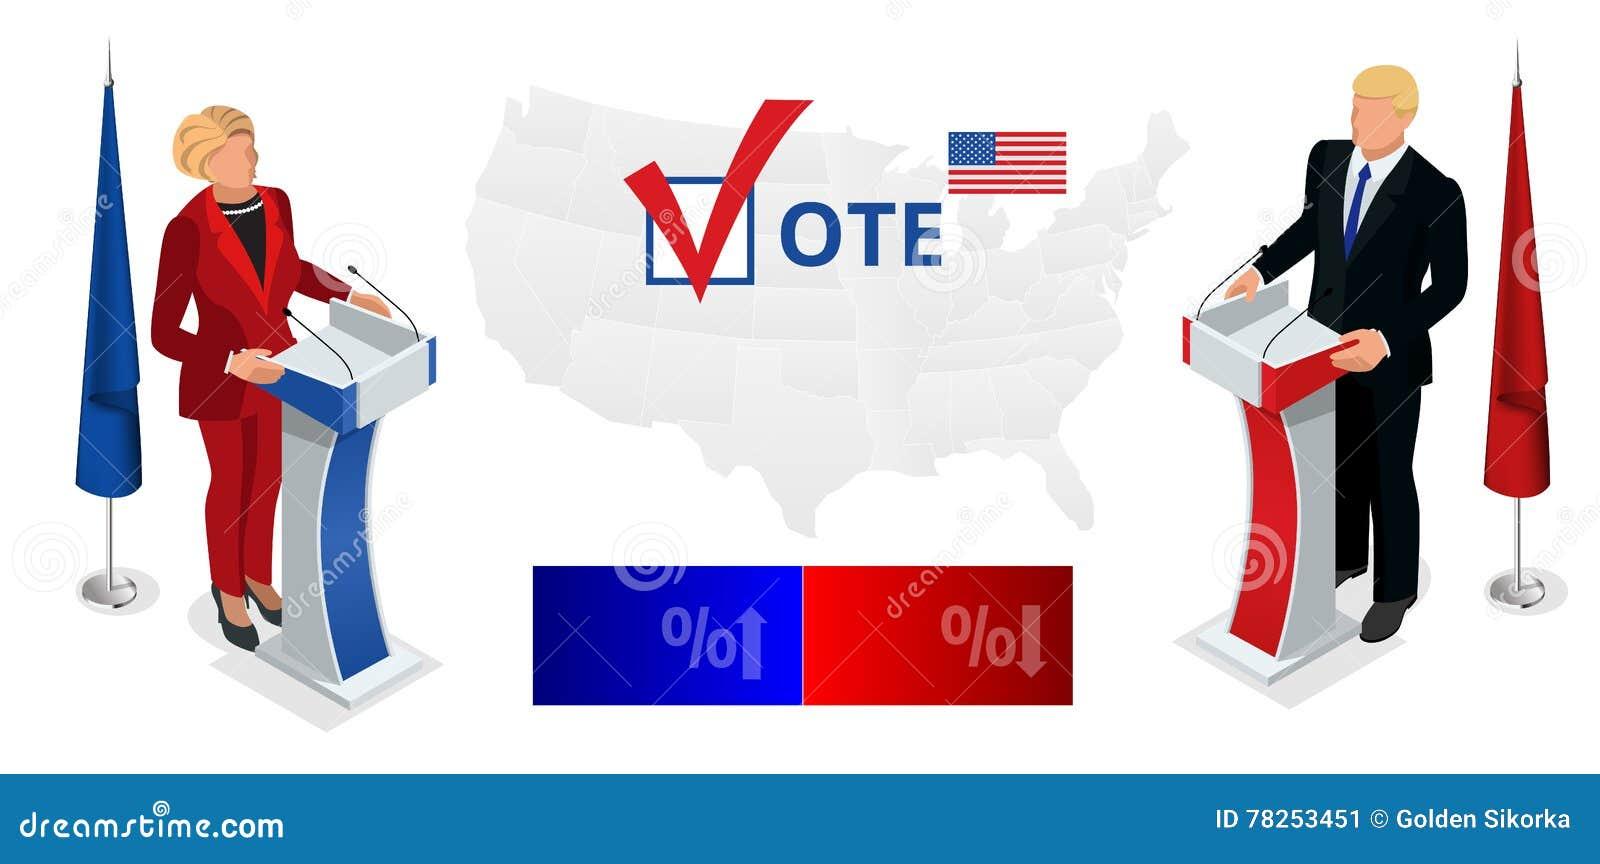 Εμείς εκλογής 2016 infographic αίθουσα συμβάσεων δημοκρατών δημοκρατική Προεδρική επικύρωση συζήτησης κόμματος